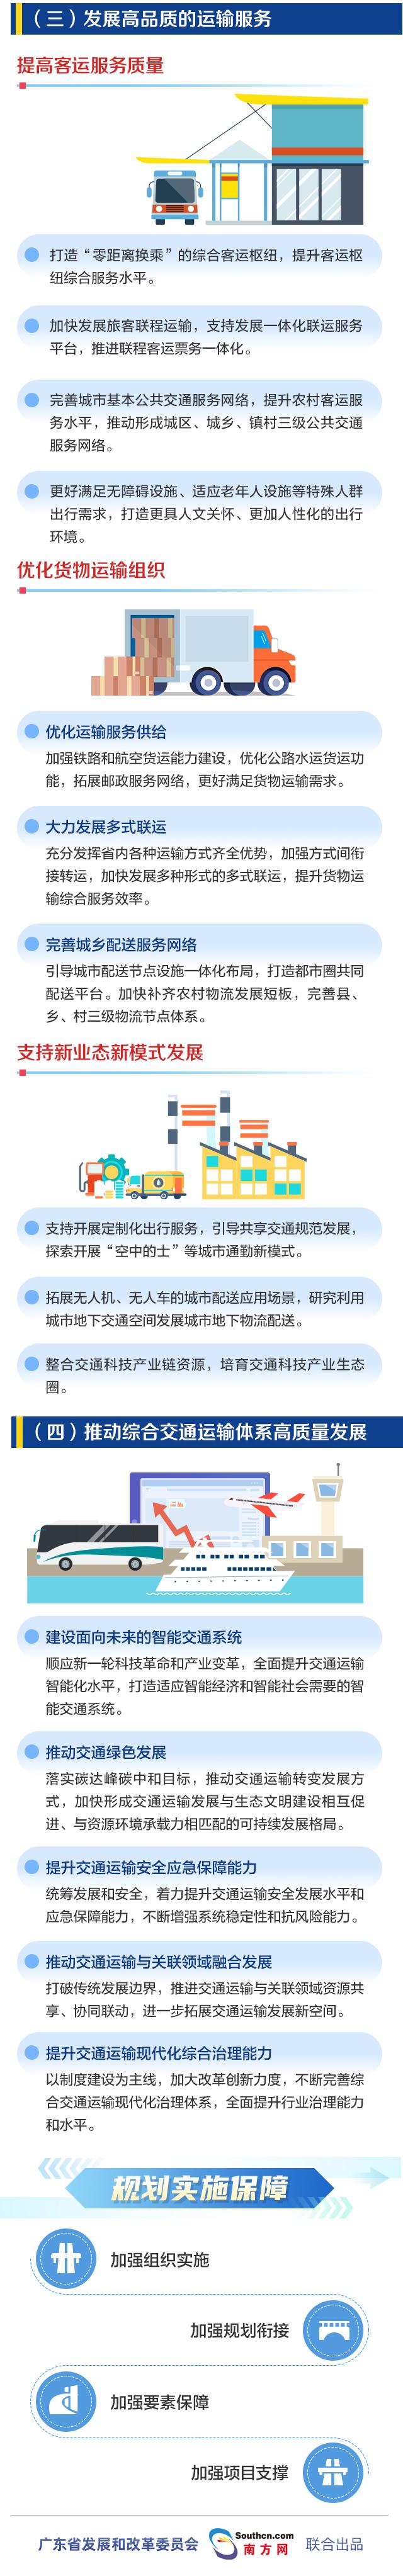 """一图读懂广东综合交通运输体系""""十四五""""发展规划_03.jpg"""